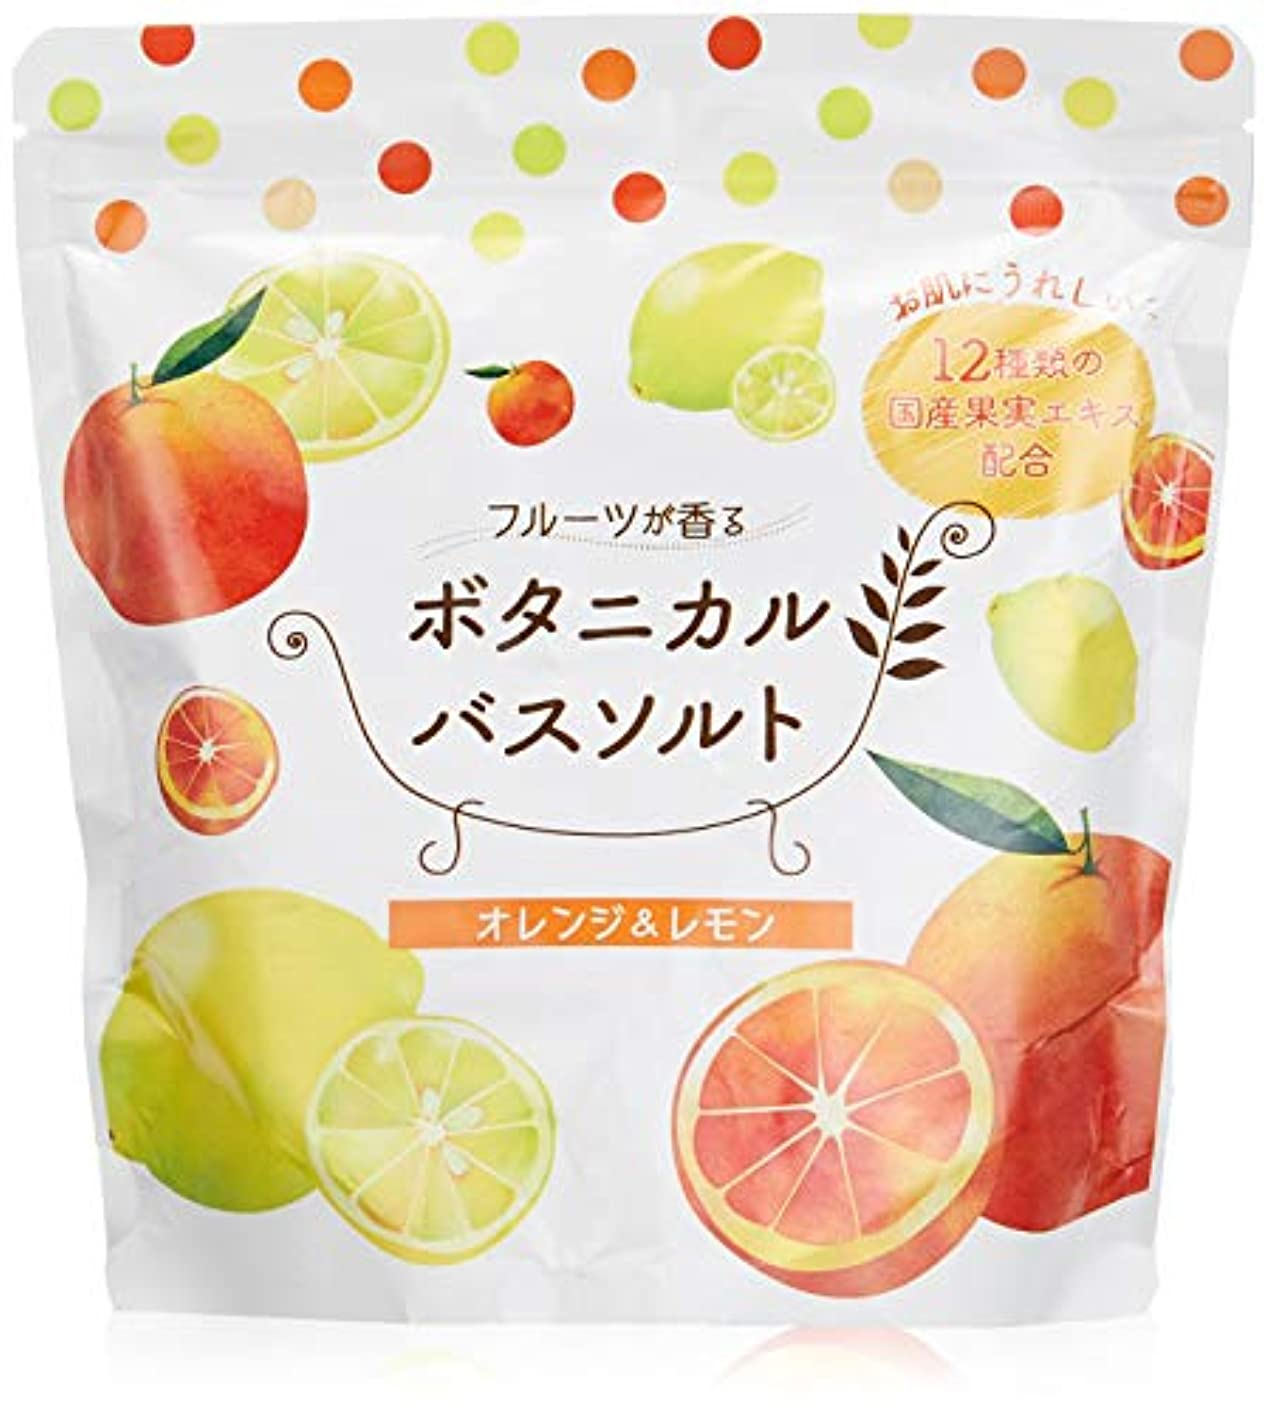 蘇生するぼろ申込み松田医薬品 フルーツが香るボタニカルバスソルト 入浴剤 オレンジ レモン 450g